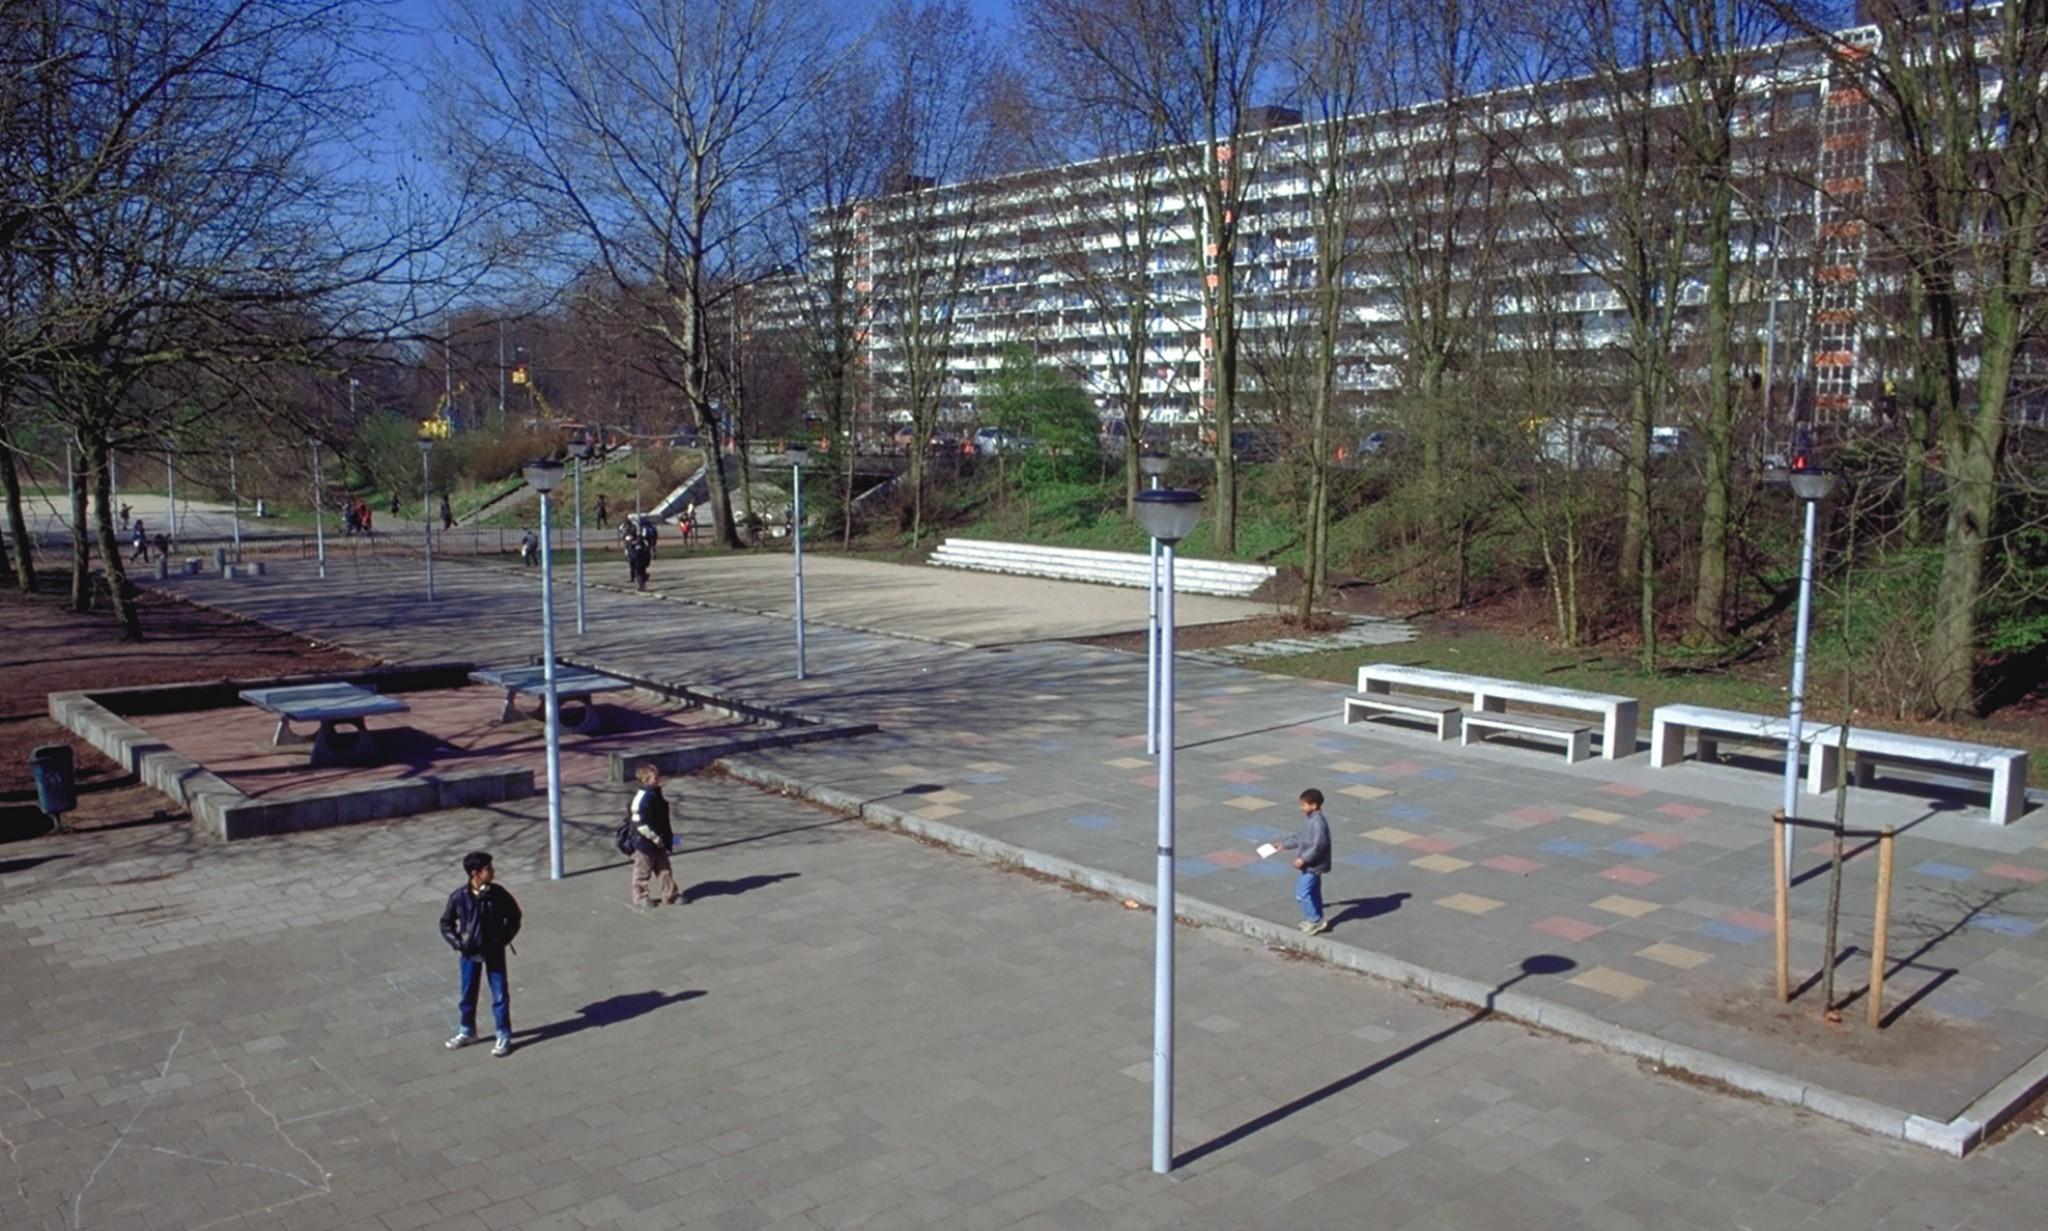 De Ontwerpwerkplaats, Gijs Niemeijer, Floor van Ditzhuyzen, Schoolpleinen Huntum, ontwerp schoolpleinen, inrichting publieke ruimte,,